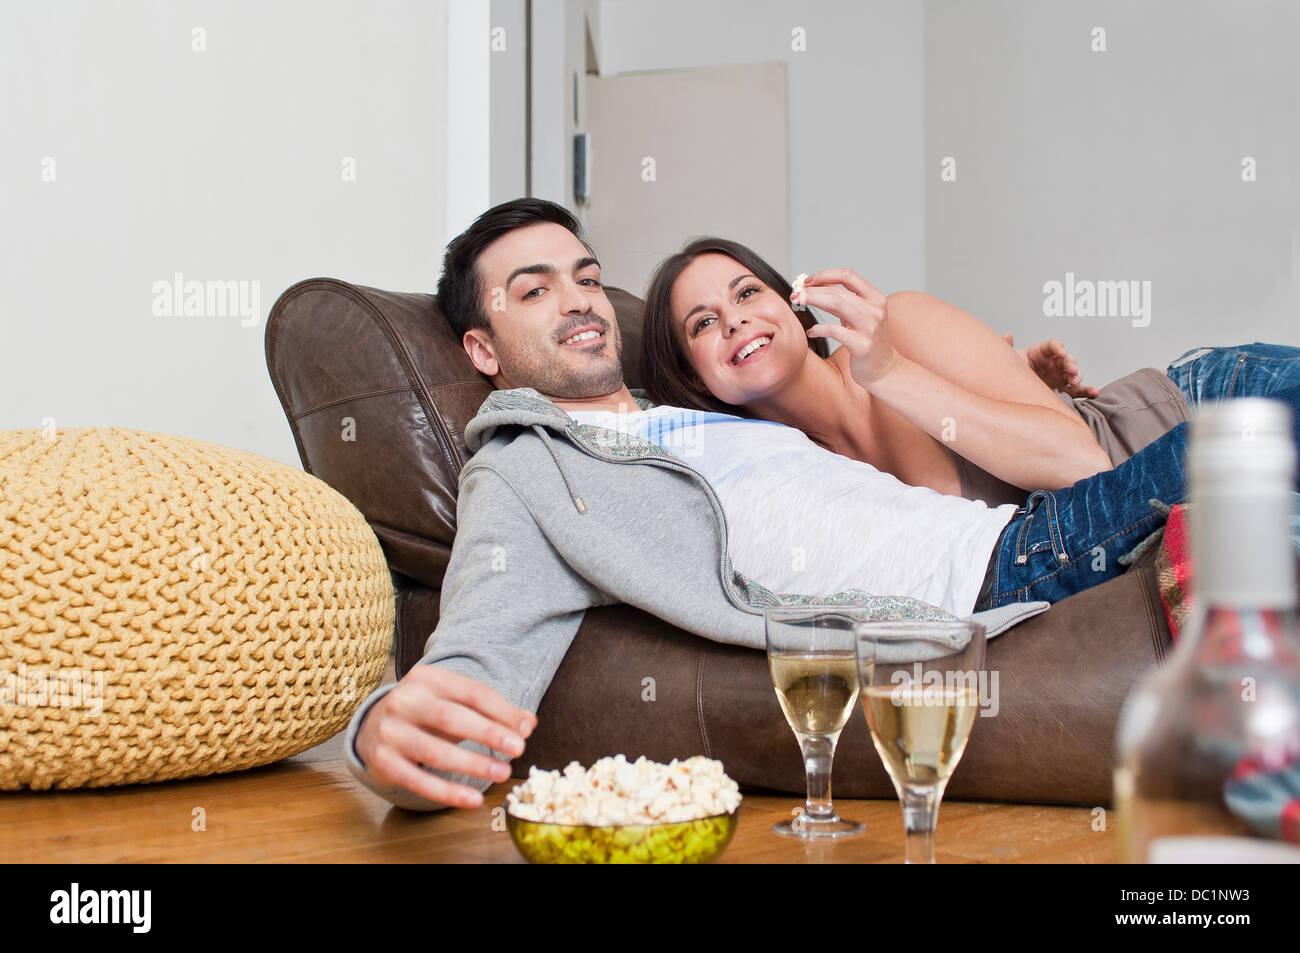 dating a rival fan